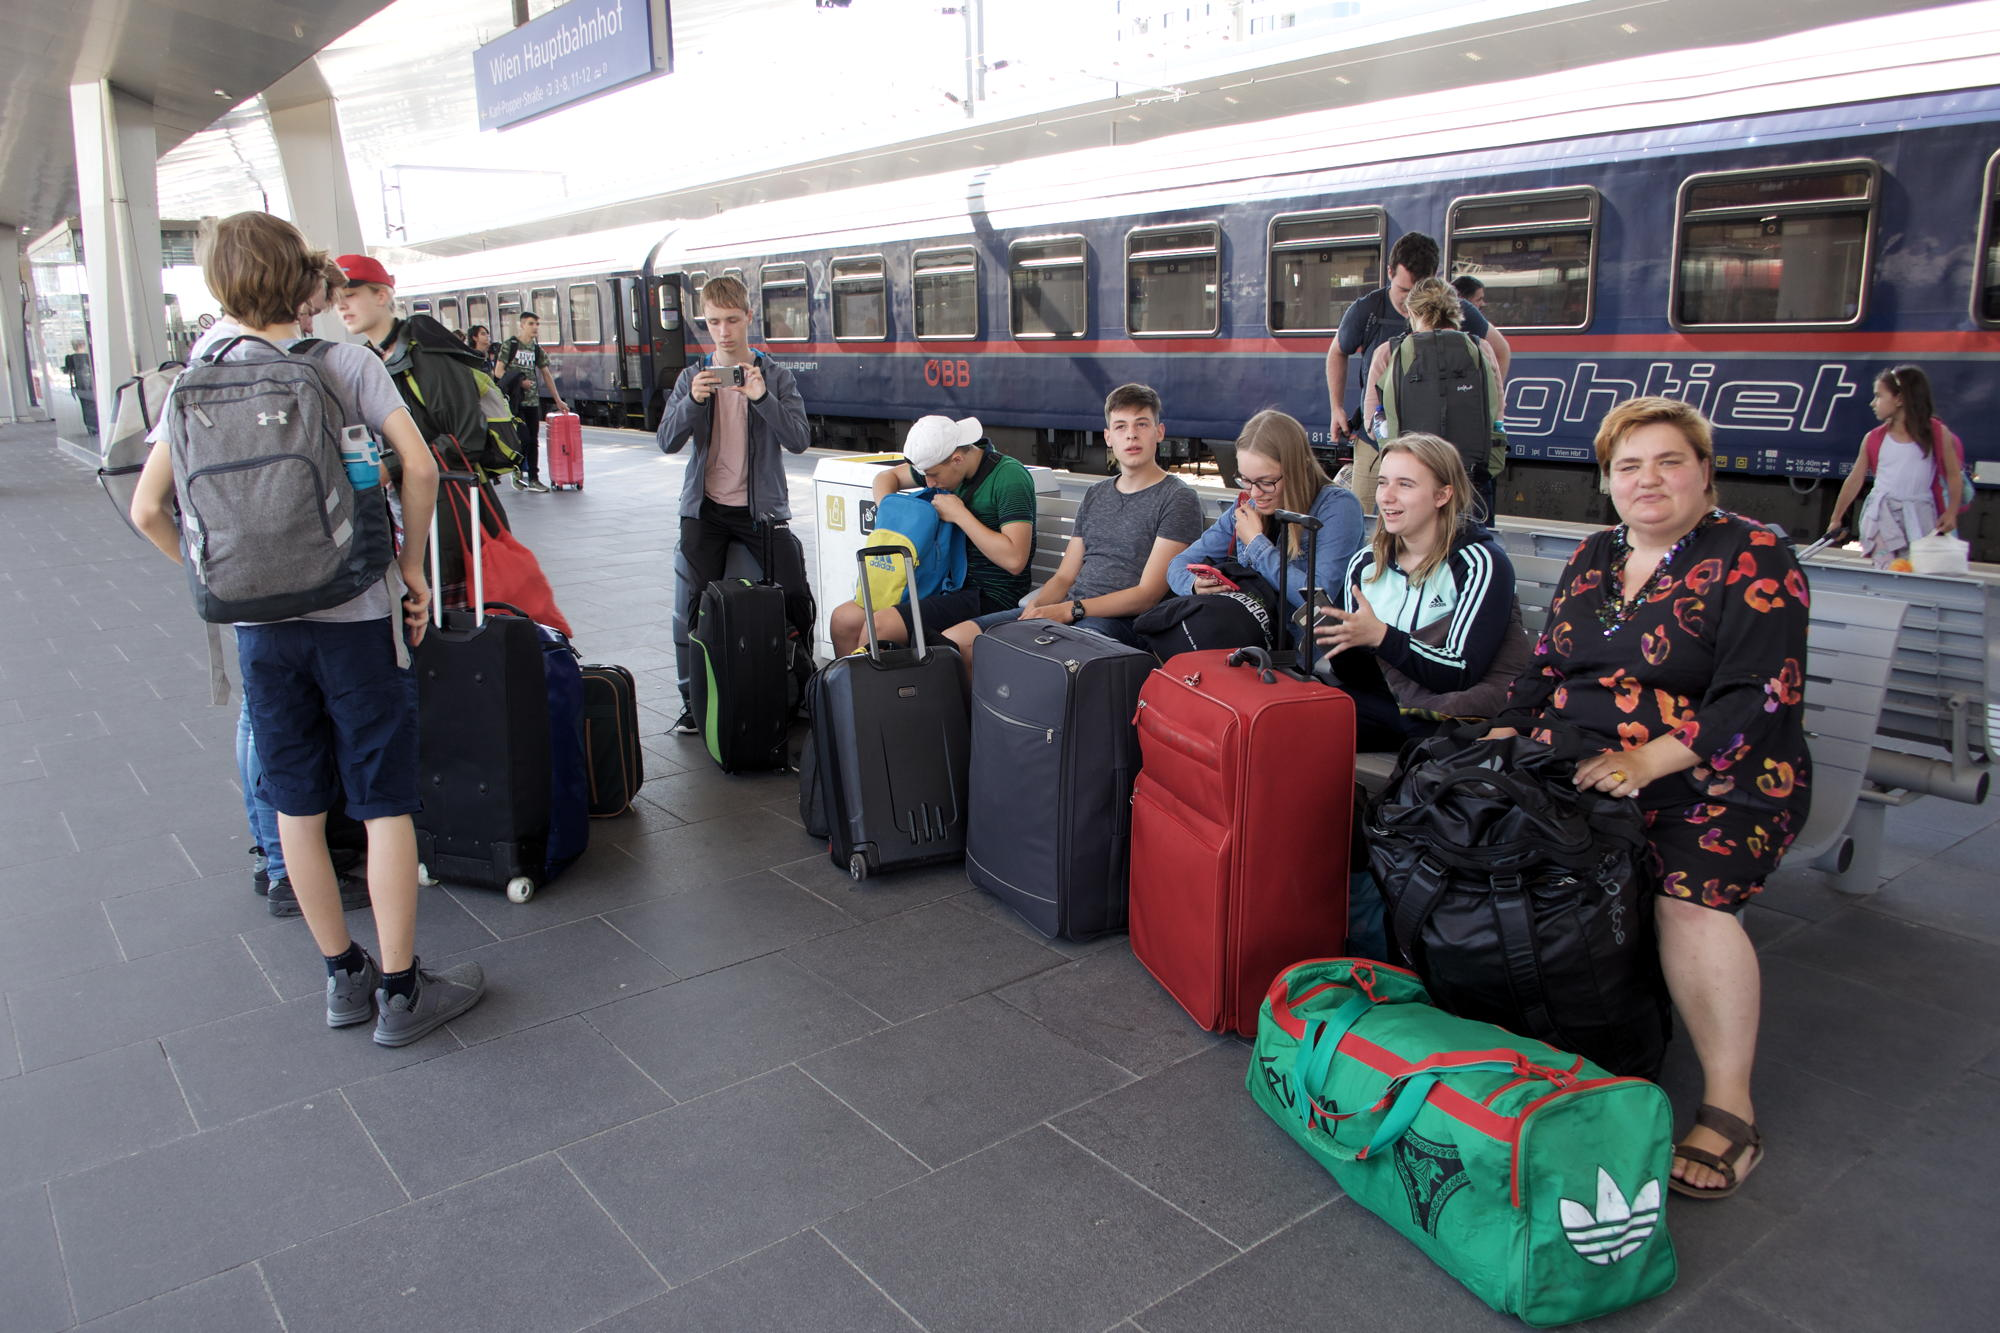 Umsteigen in Wien: fast wie neu, teilweise noch im Schlafanzug…